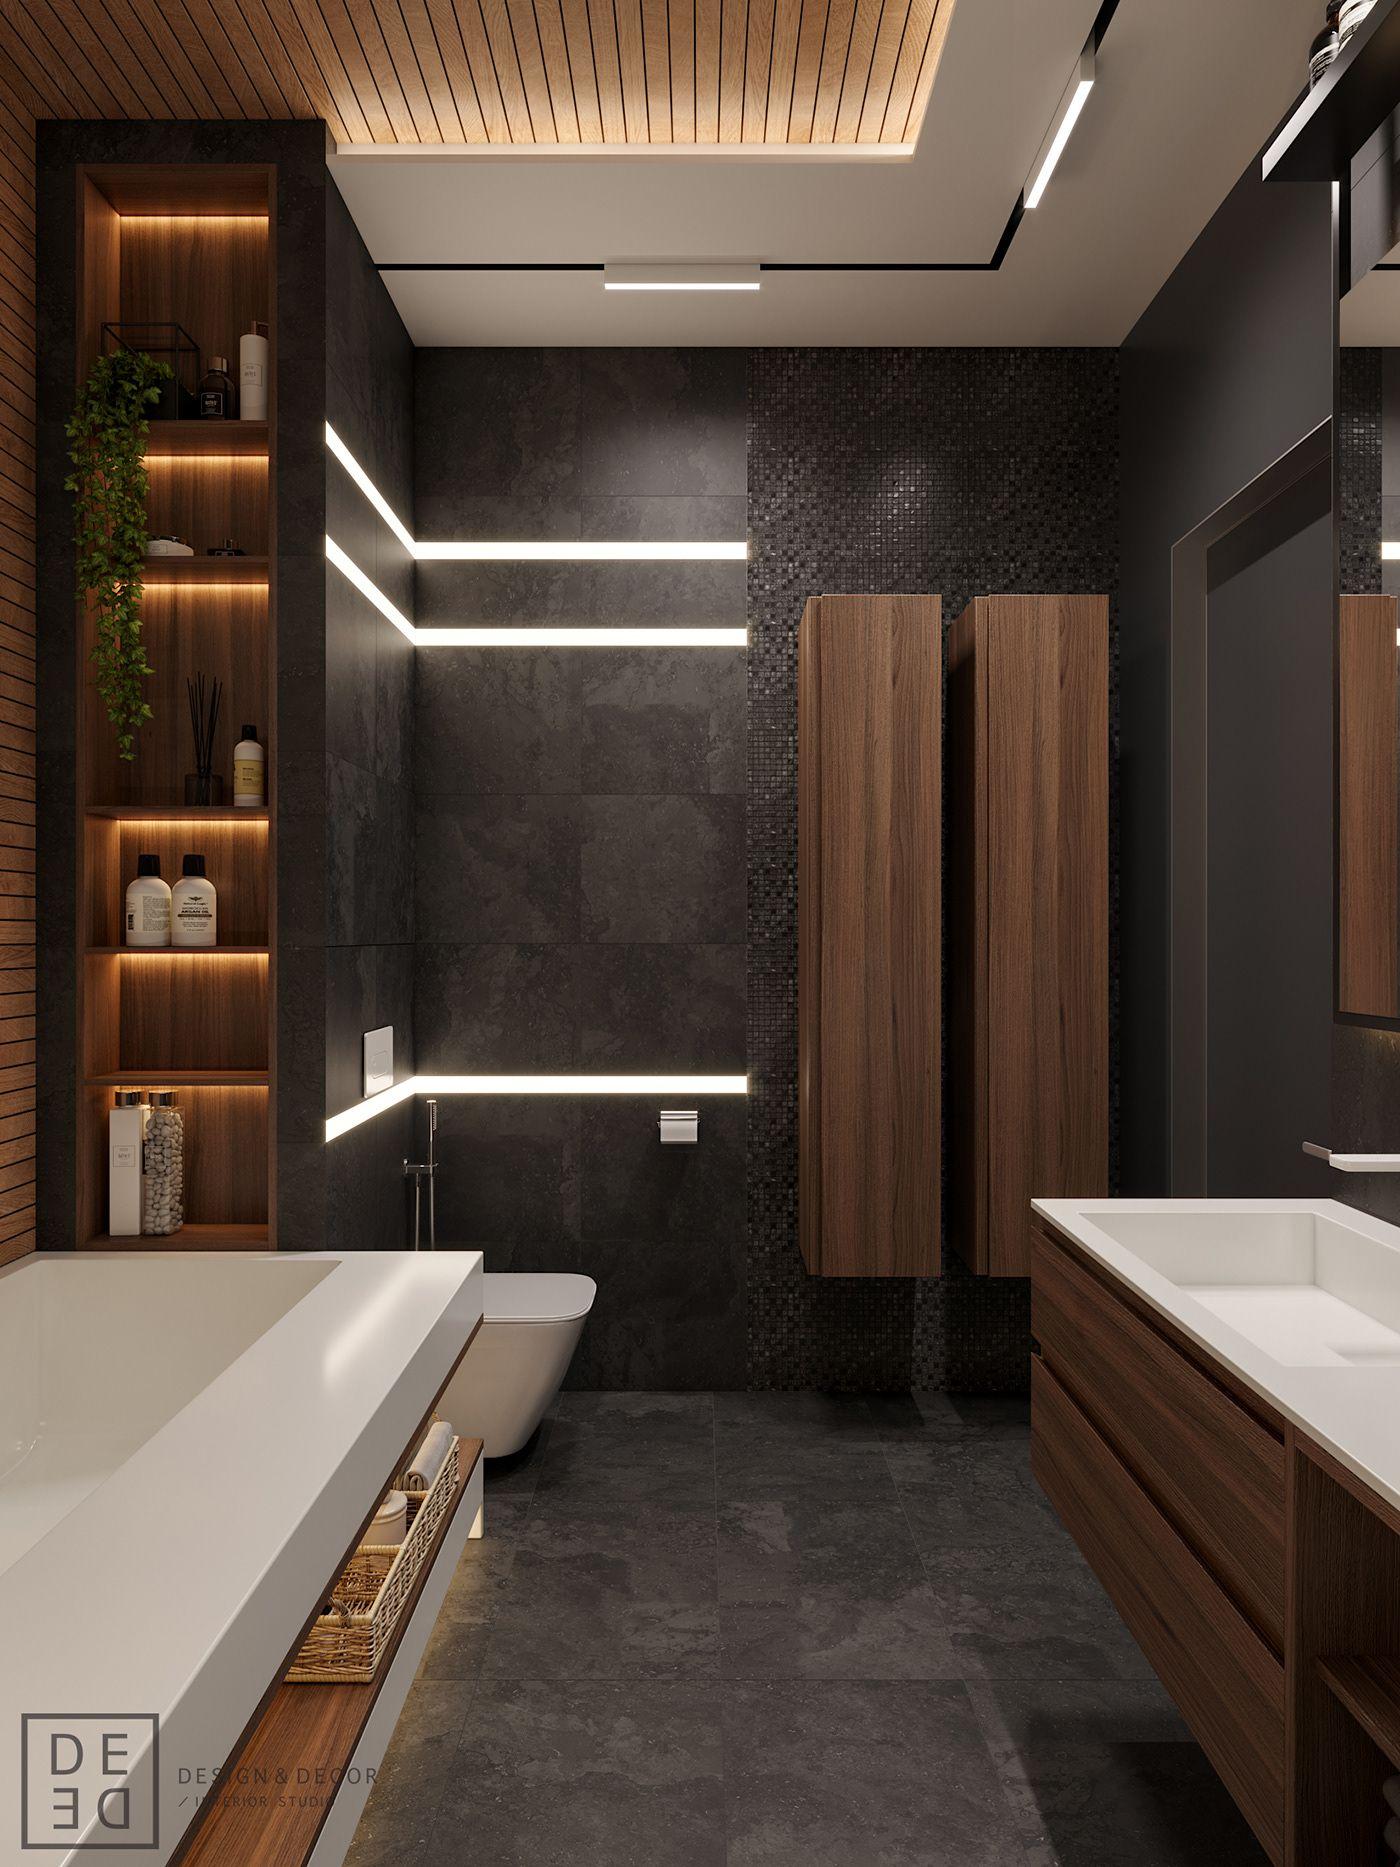 De De Wooden Luxury On Behance Bathroom Interior Design Master Bathroom Design Modern Bathroom